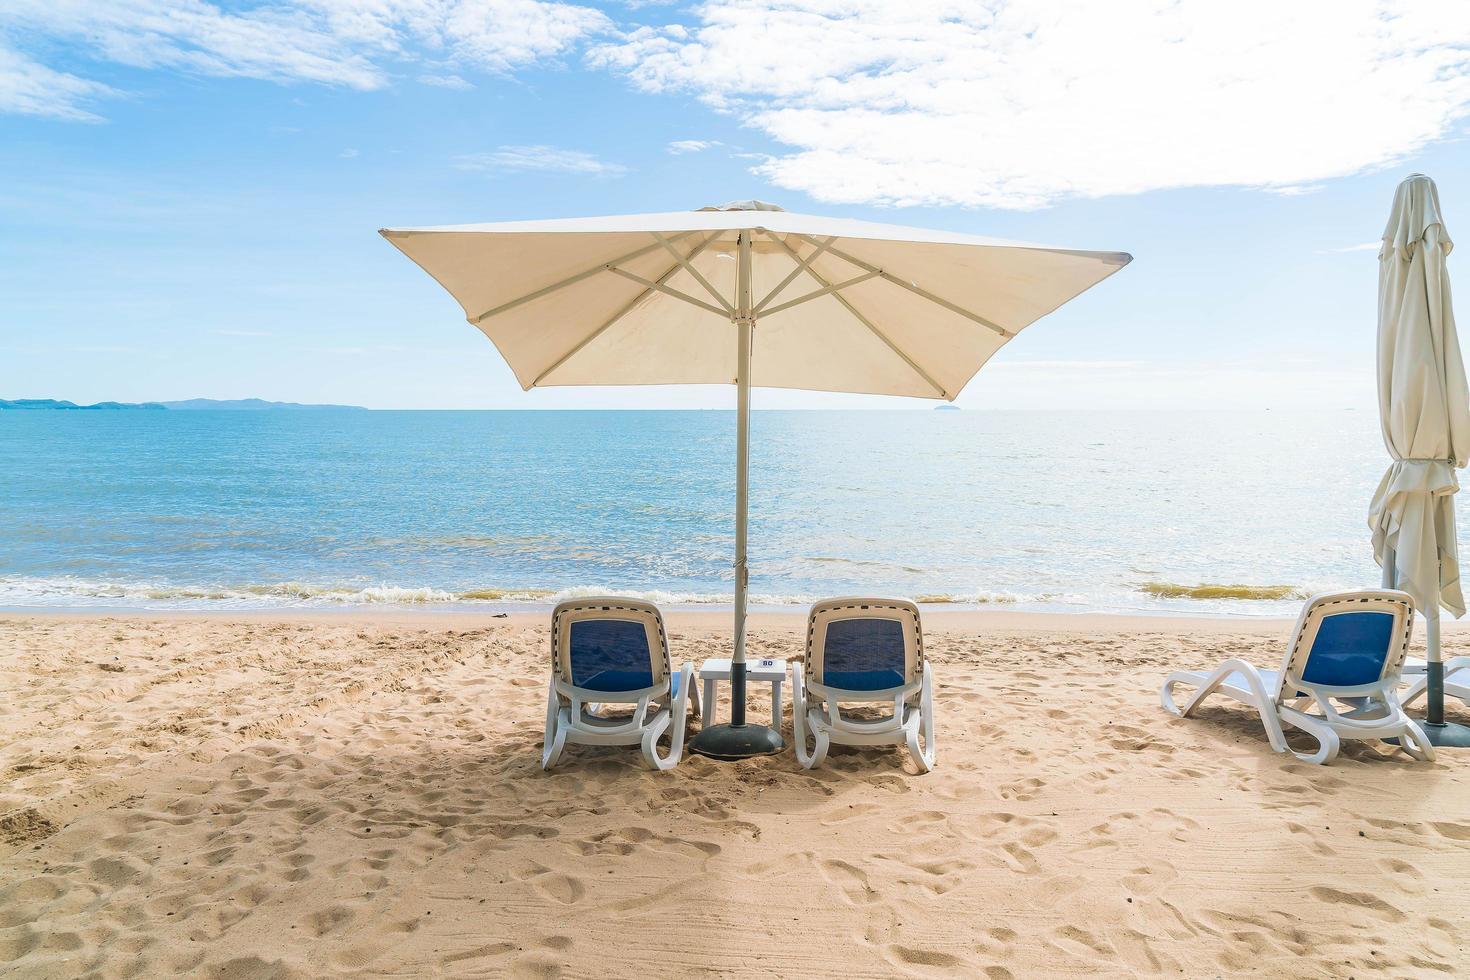 ombrellone da solo sulla spiaggia foto